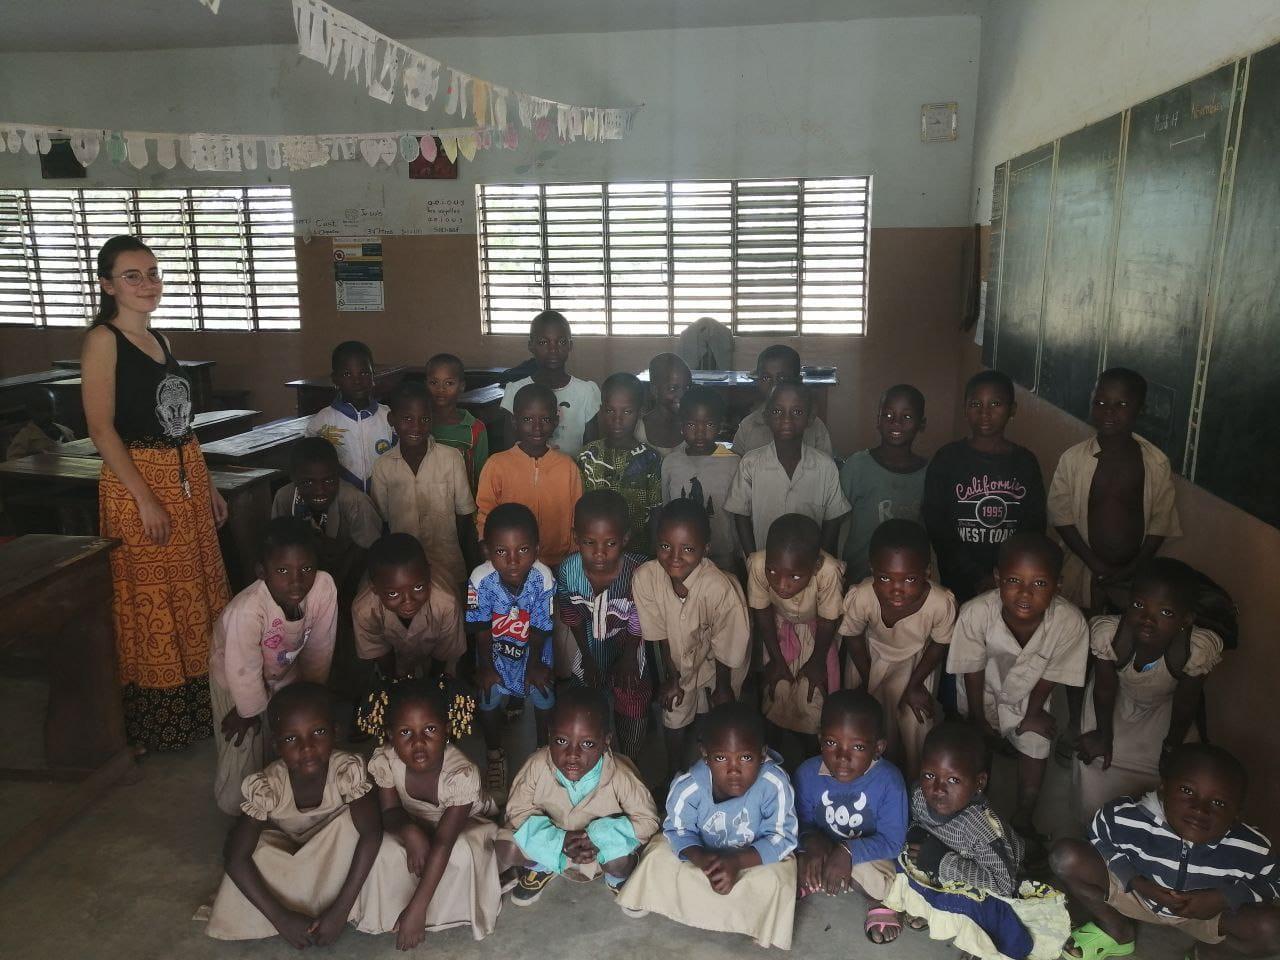 Benin Fondation Heloise Charruau Alfa Kpara